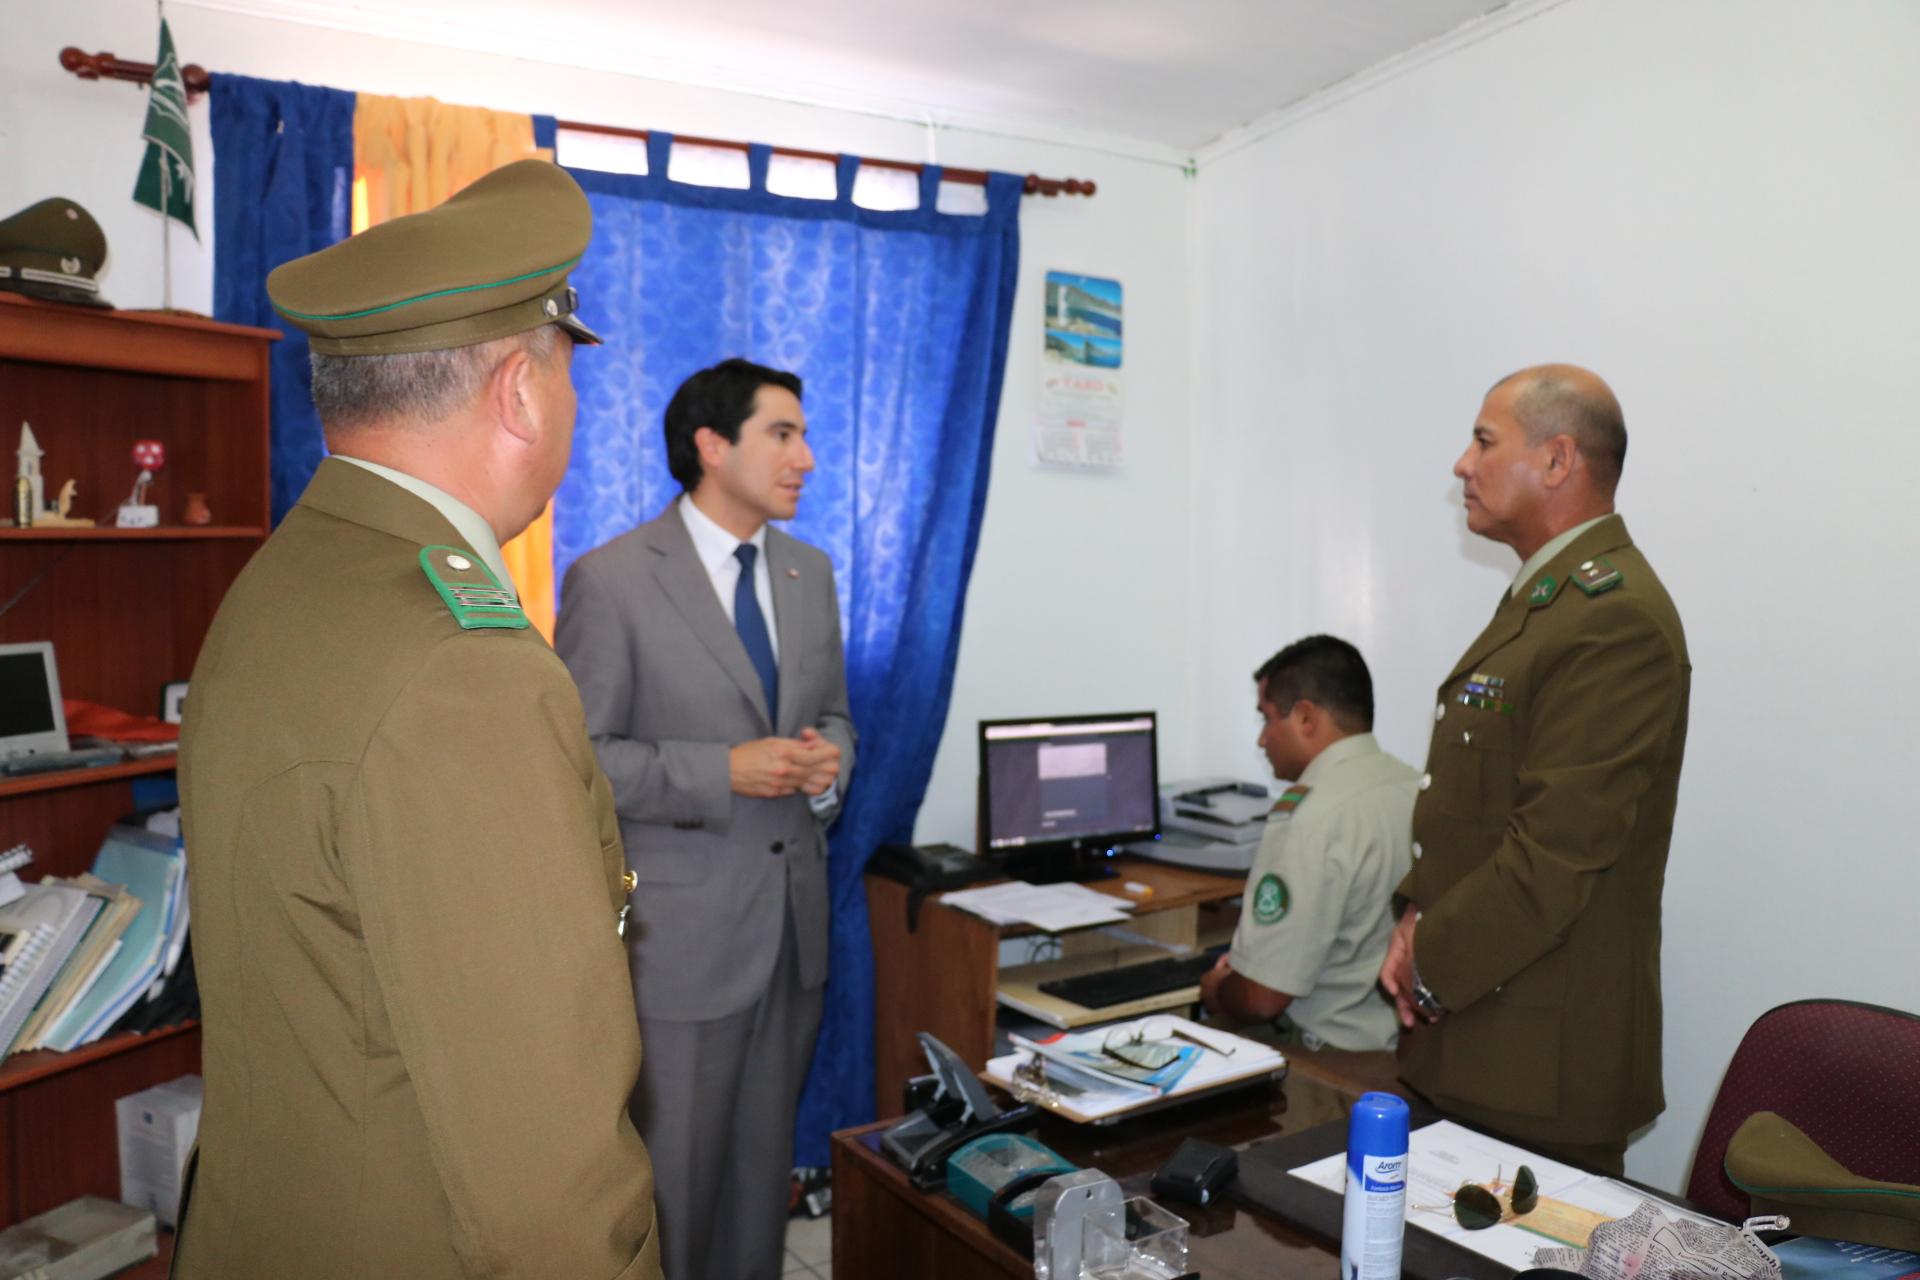 Gobernador del Huasco revisa con Carabineros de Alto del Carmen nuevo sistema de seguridad